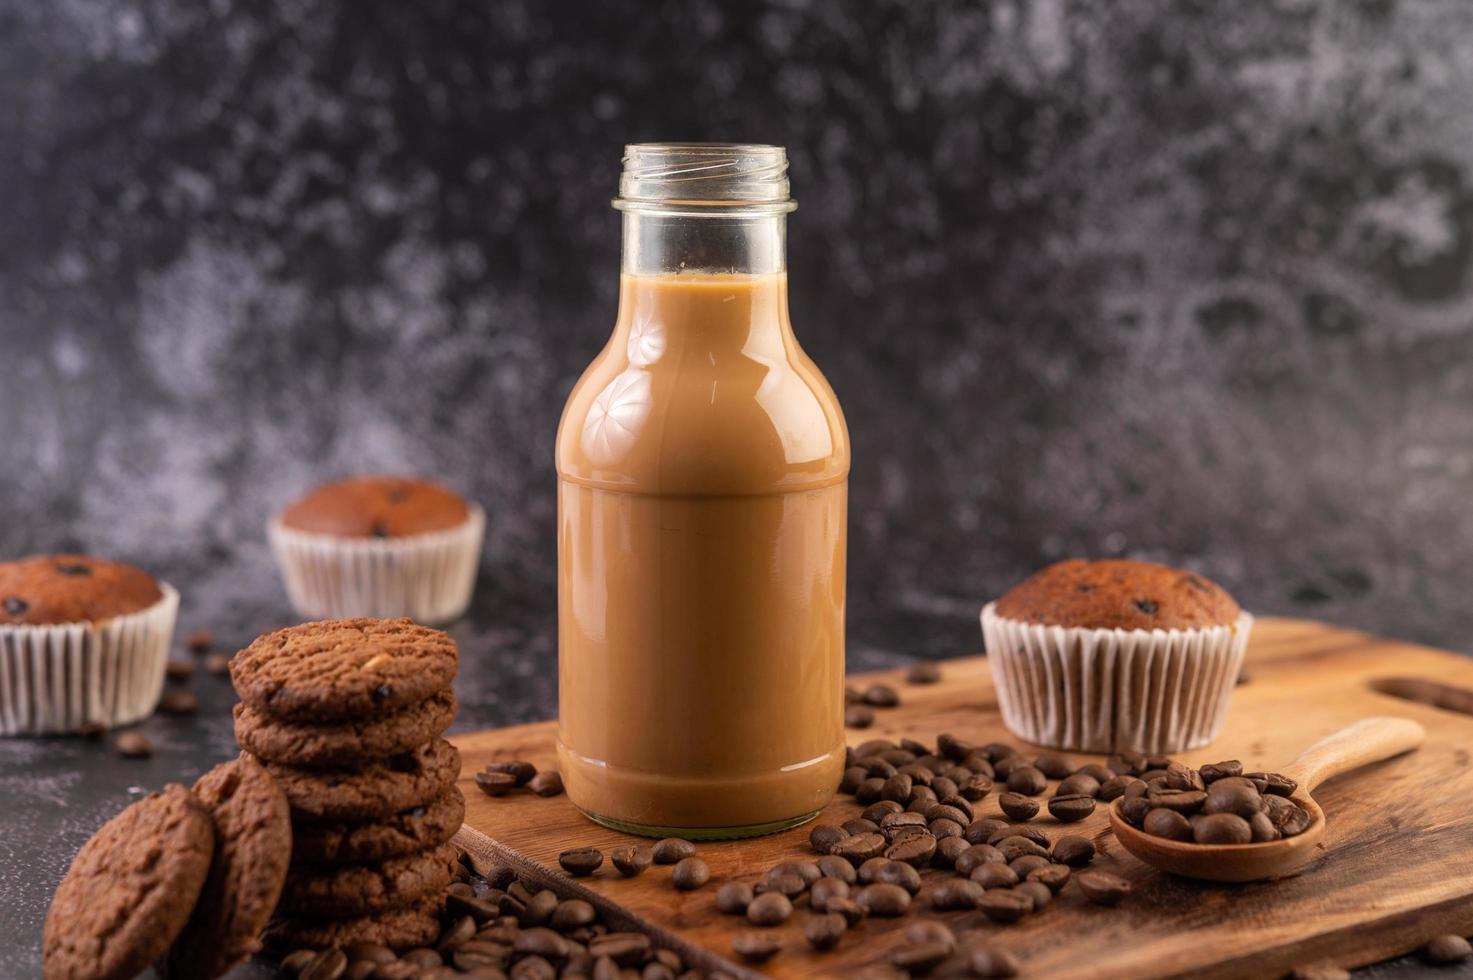 biscoitos com grãos de café e leite foto